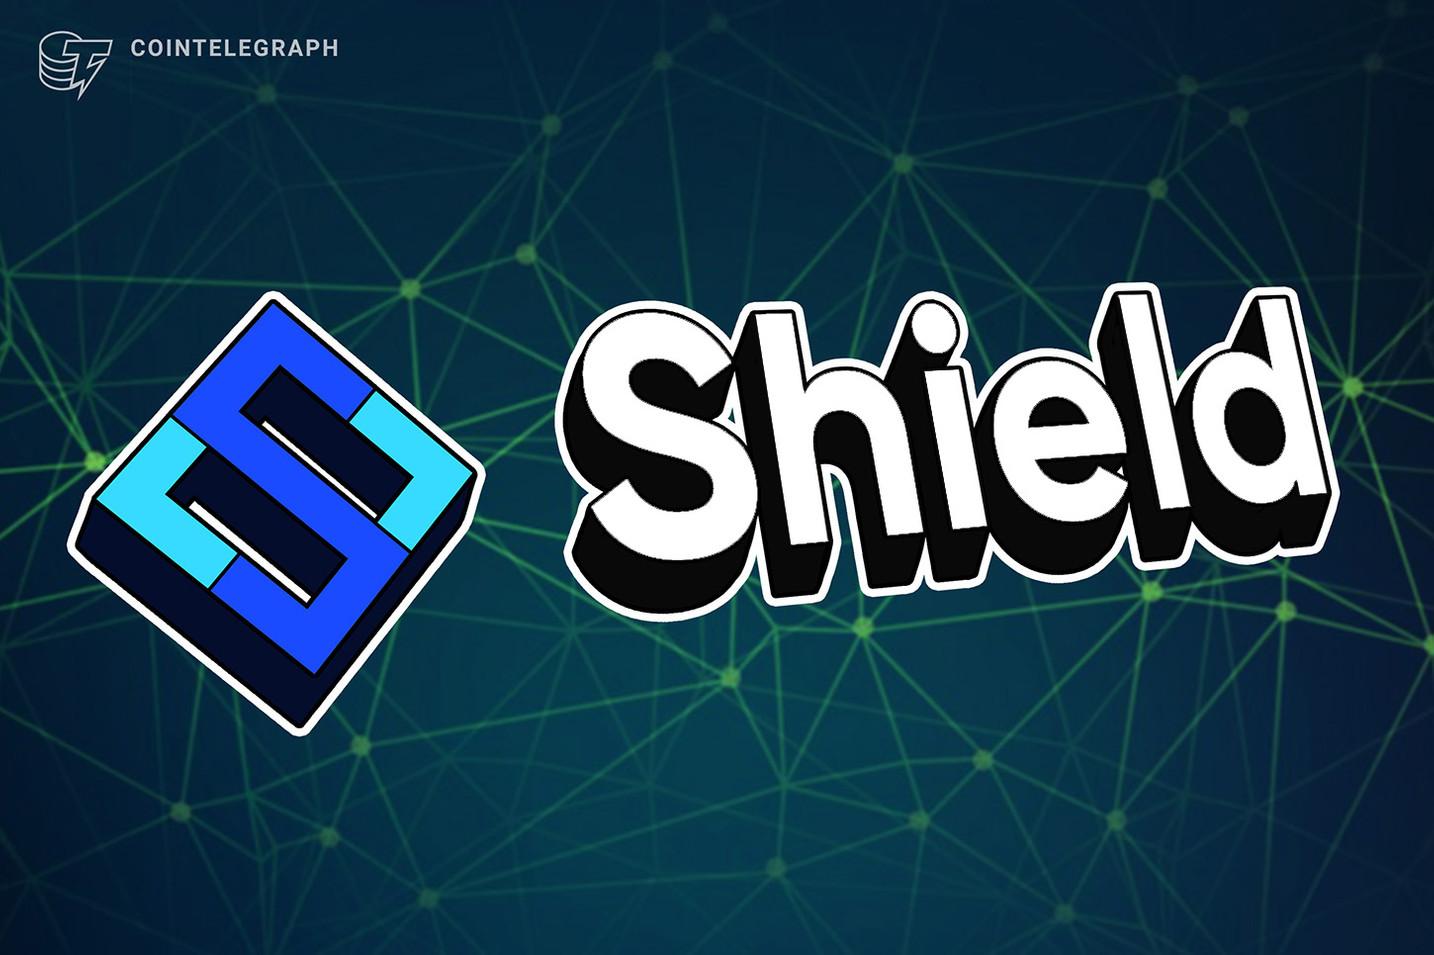 Shield önde gelen yatırım kuruluşları A&T Capital ve Hashkey Capital'dan 2 milyon dolarlık çekirdek yatırım aldı